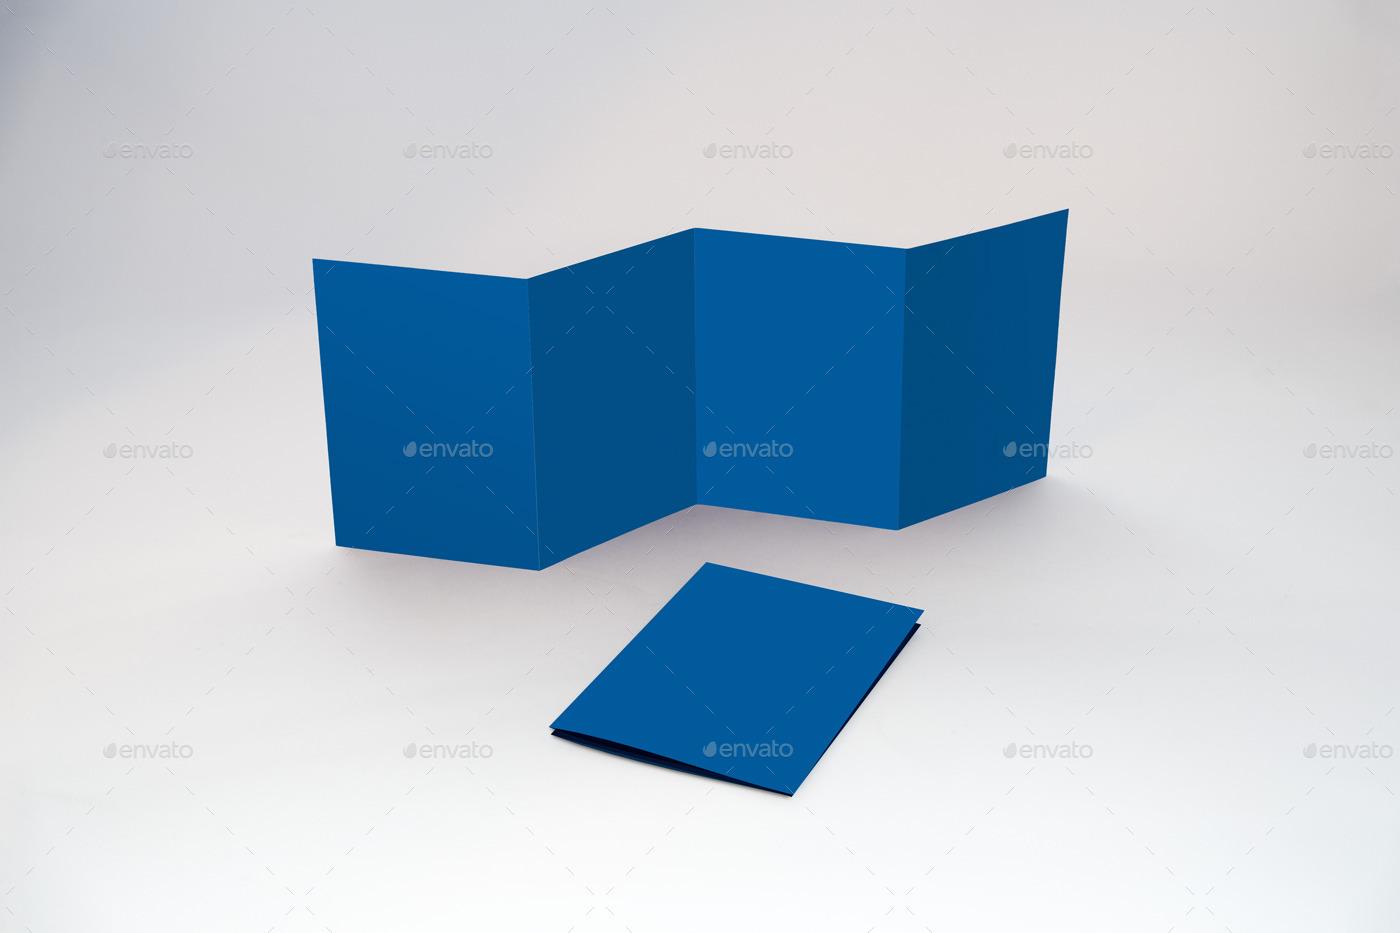 Mock-Up • A7 4-Fold (Zig Zag) Brochure: graphicriver.net/theme_previews/9053978-mockup-a7-4fold-zig-zag...